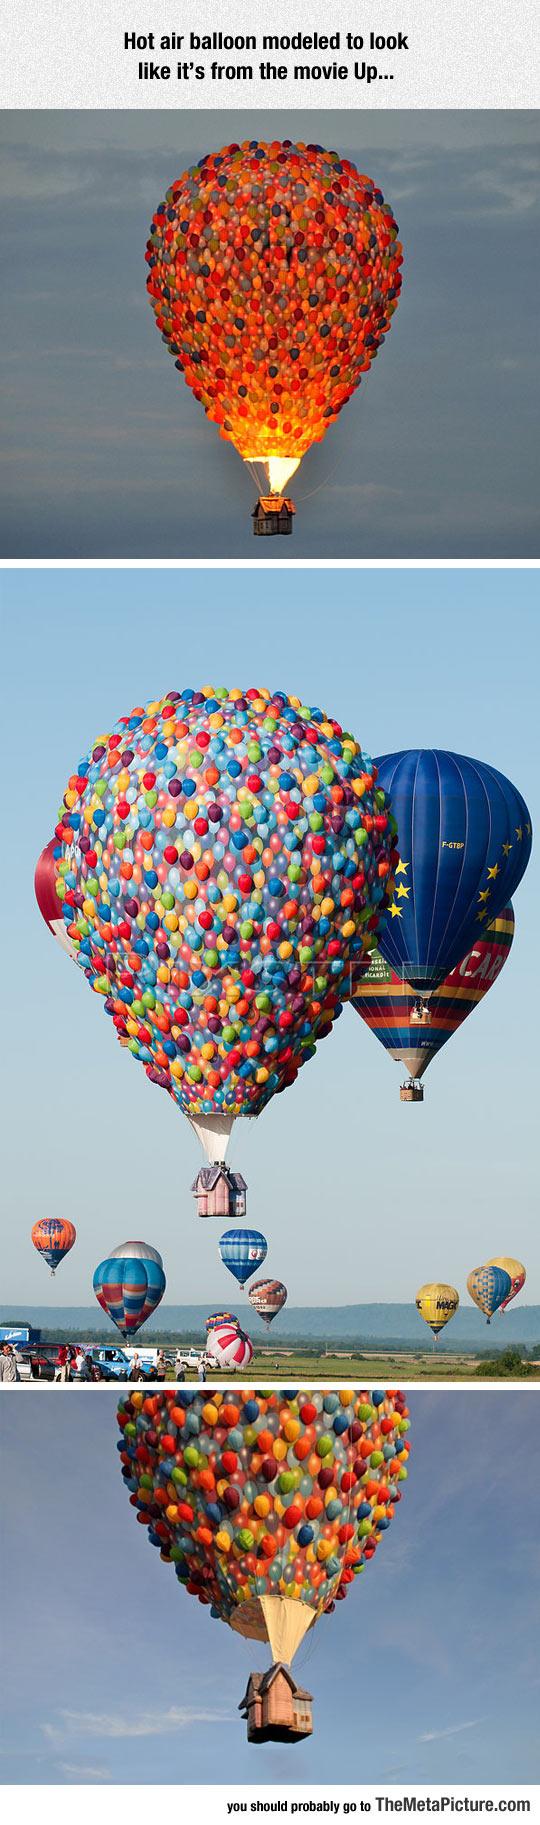 cool-air-balloon-Up-movie